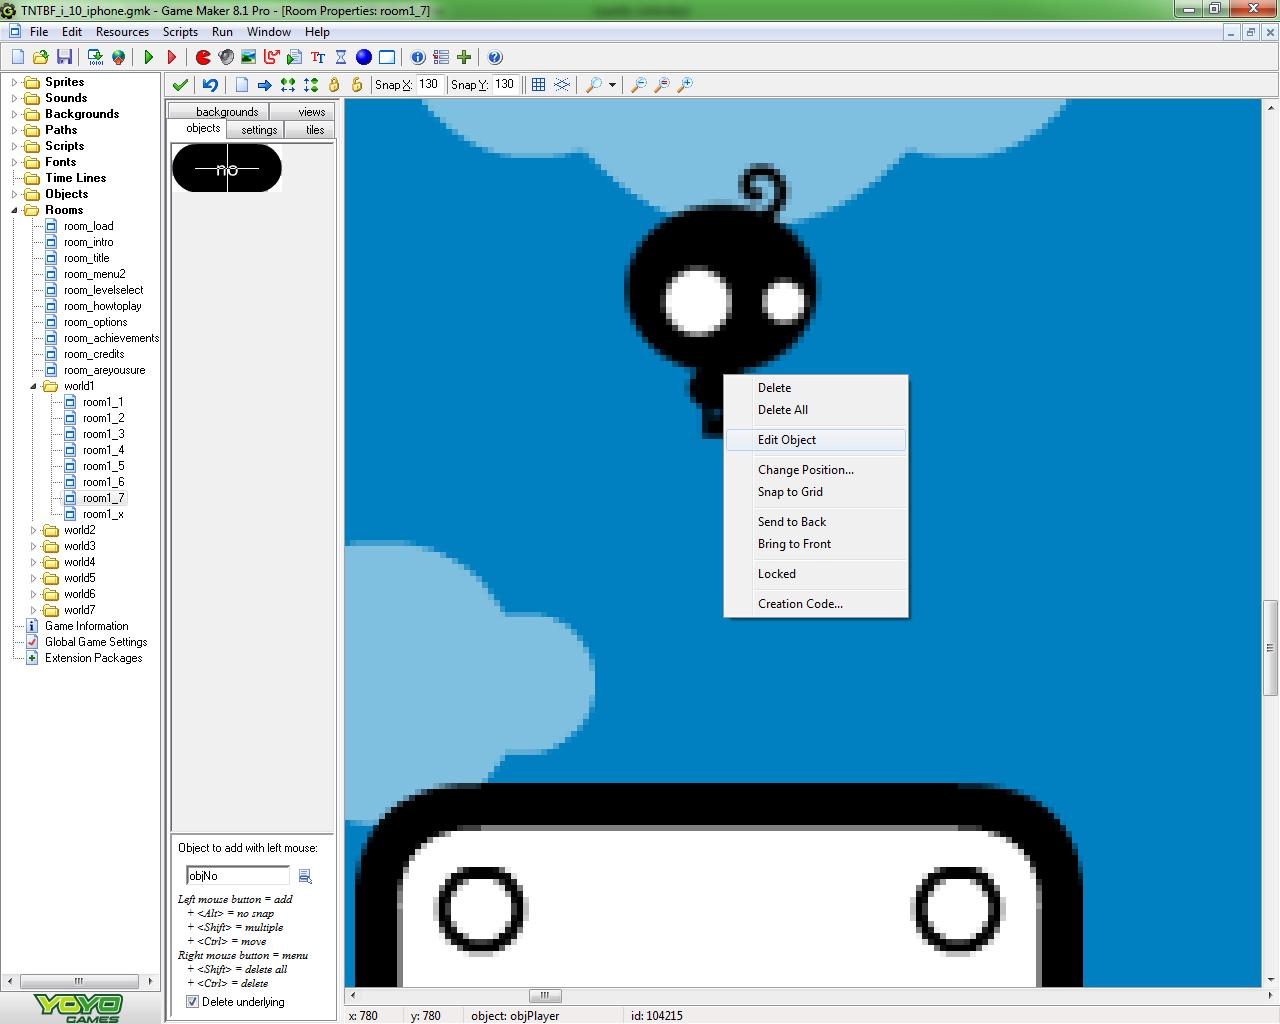 GameMaker 8.1